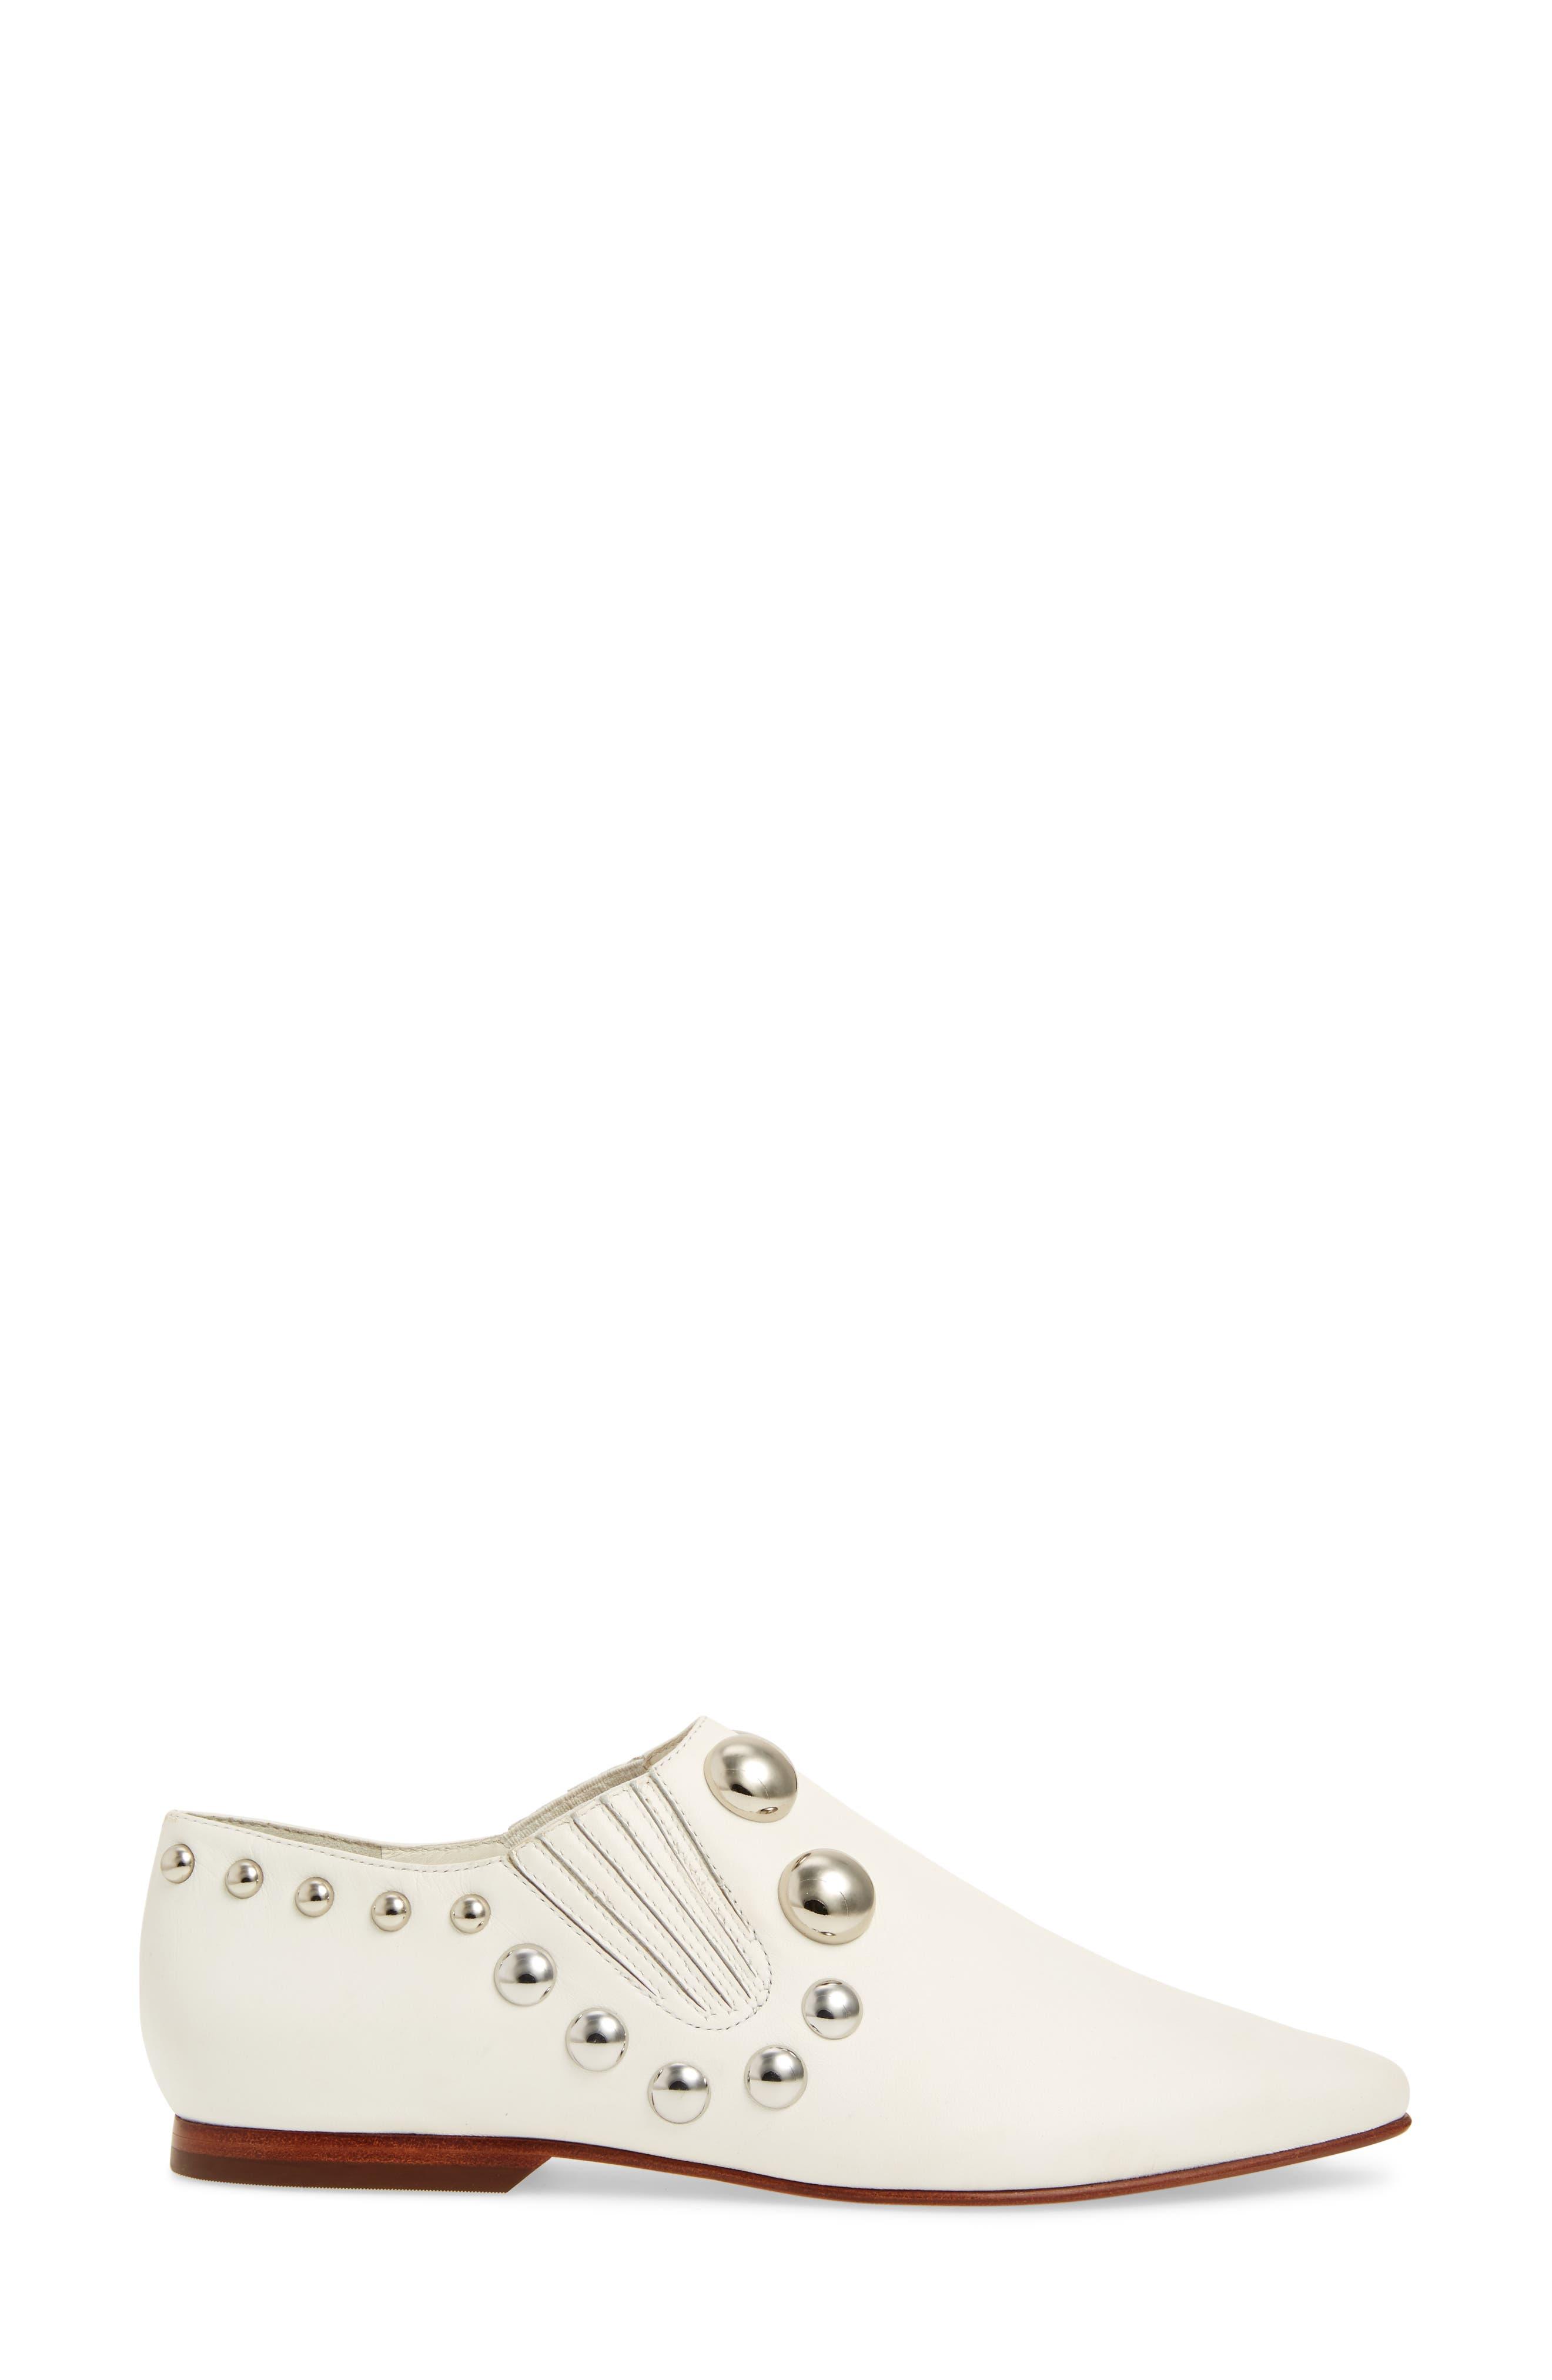 Blythe Studded Loafer,                             Alternate thumbnail 3, color,                             White